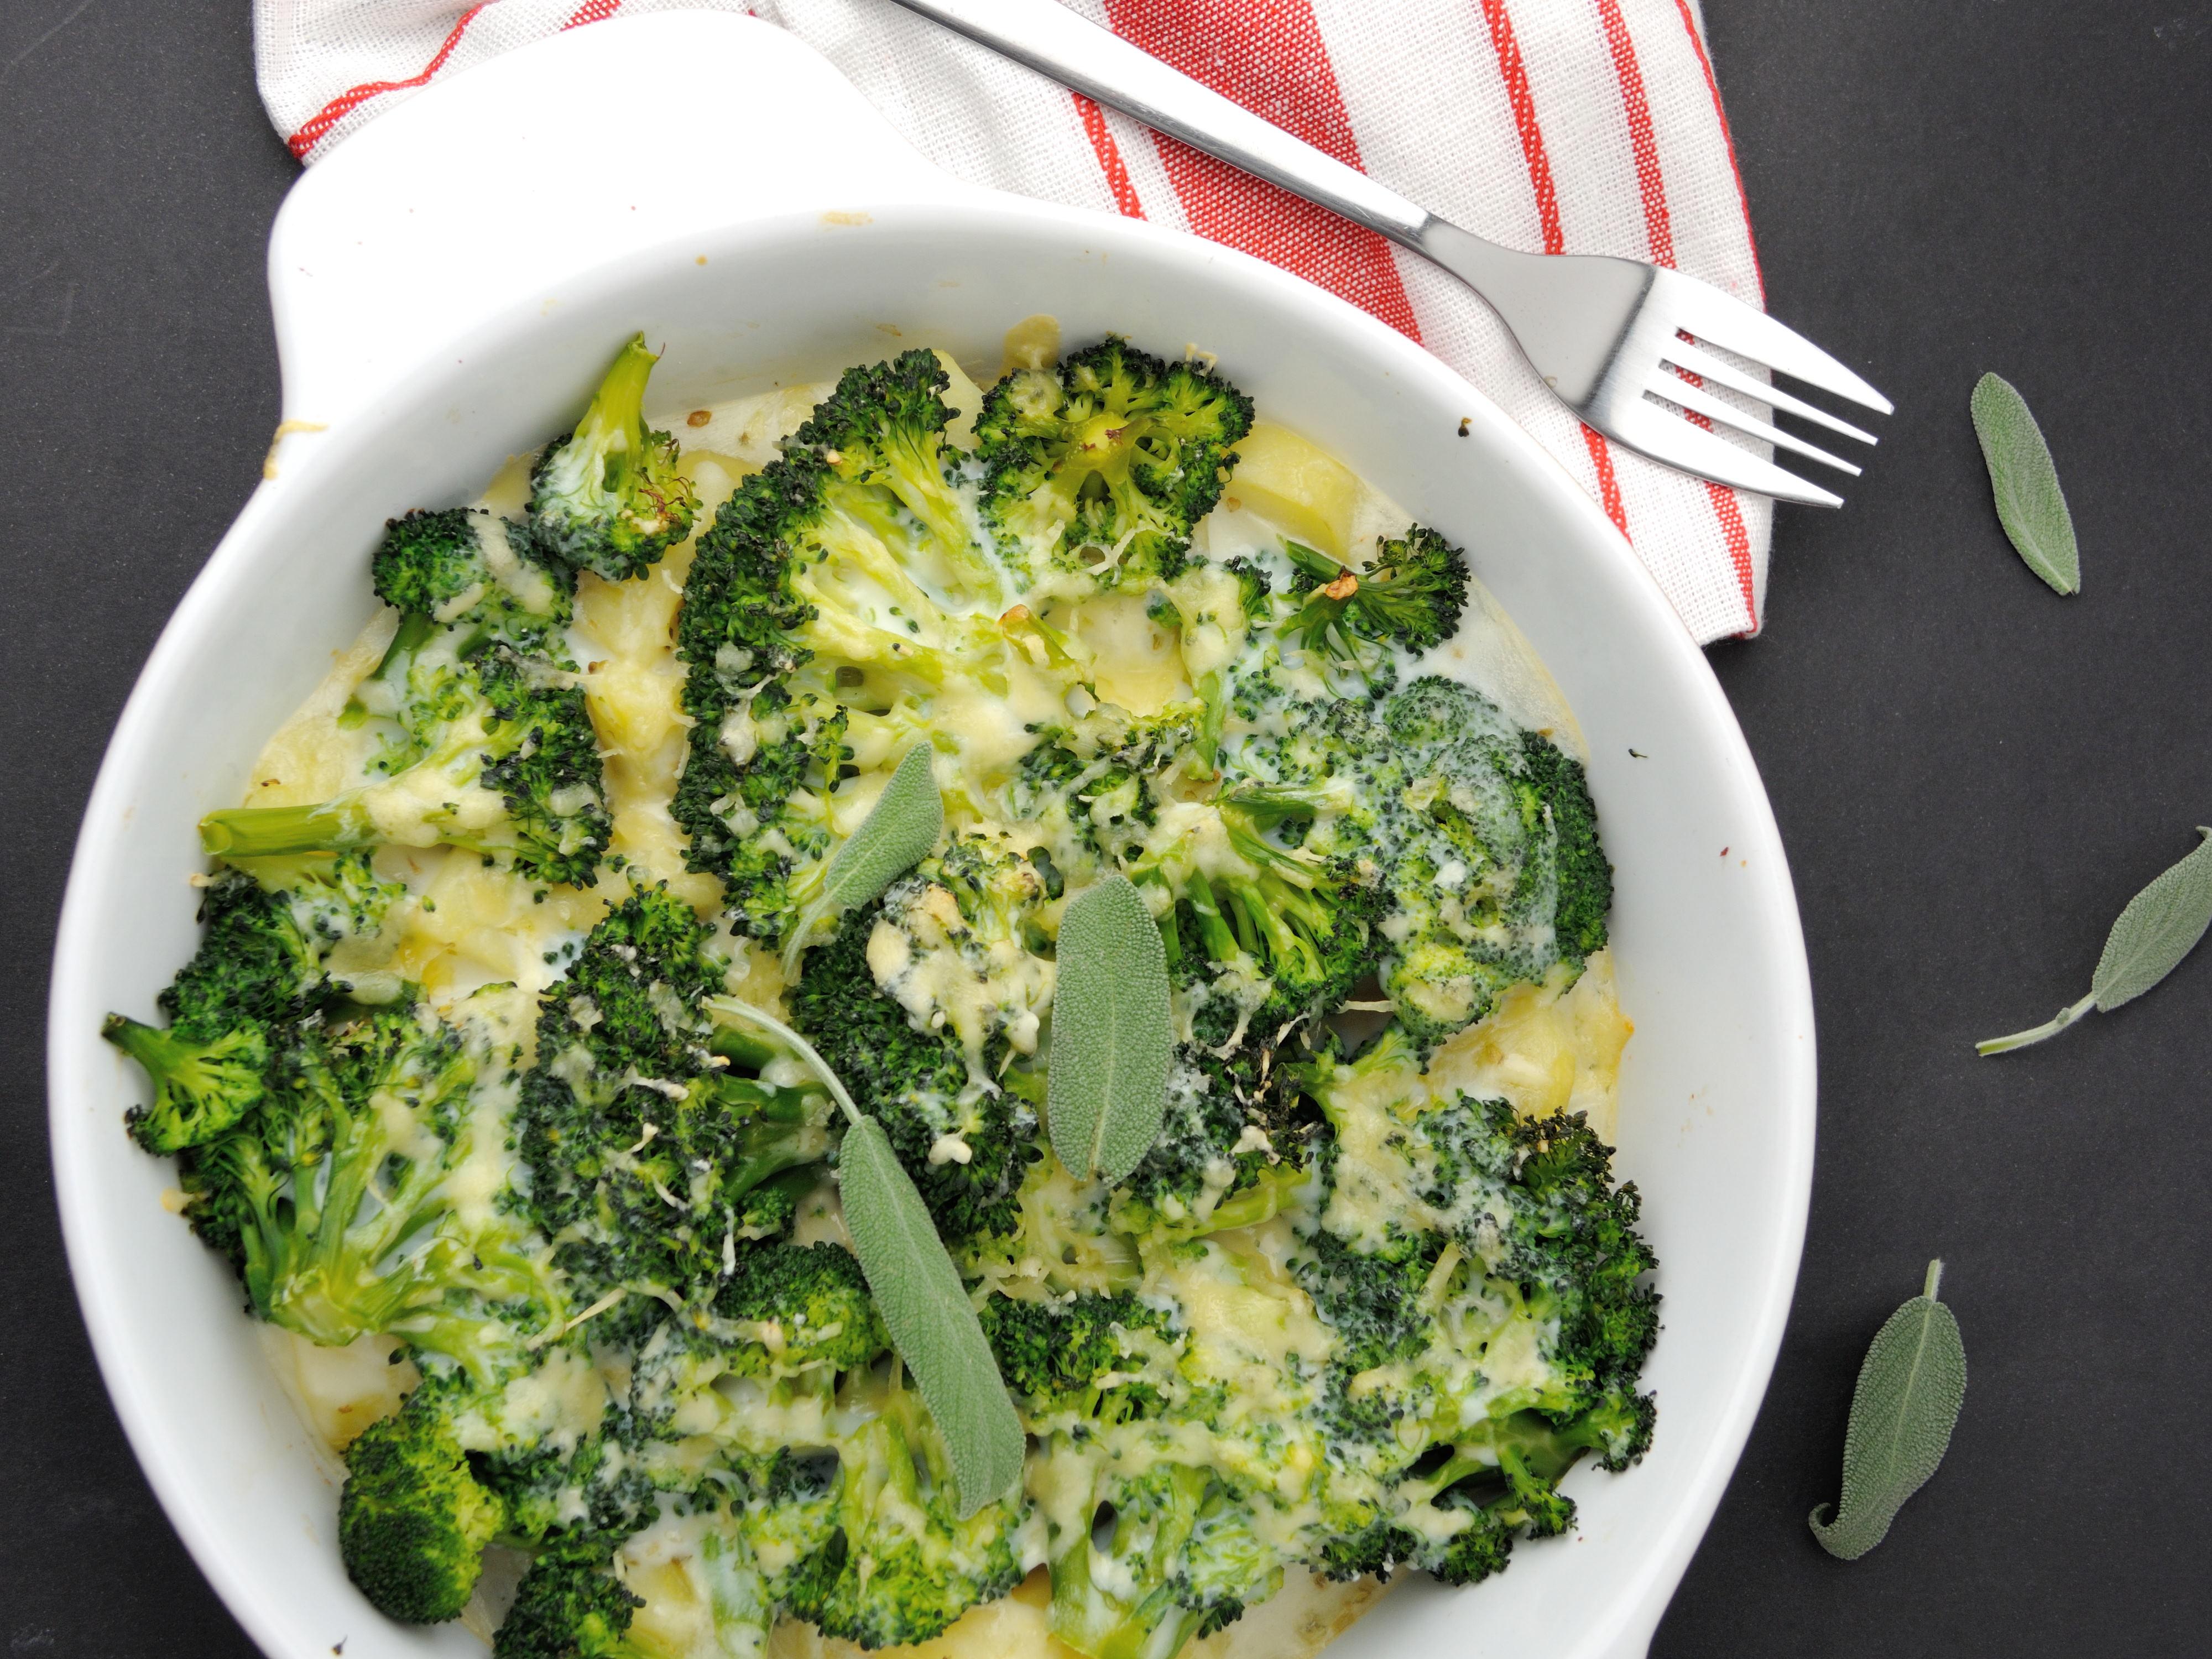 Kremowa Zapiekanka z Brokułami i Ziemniaczkami